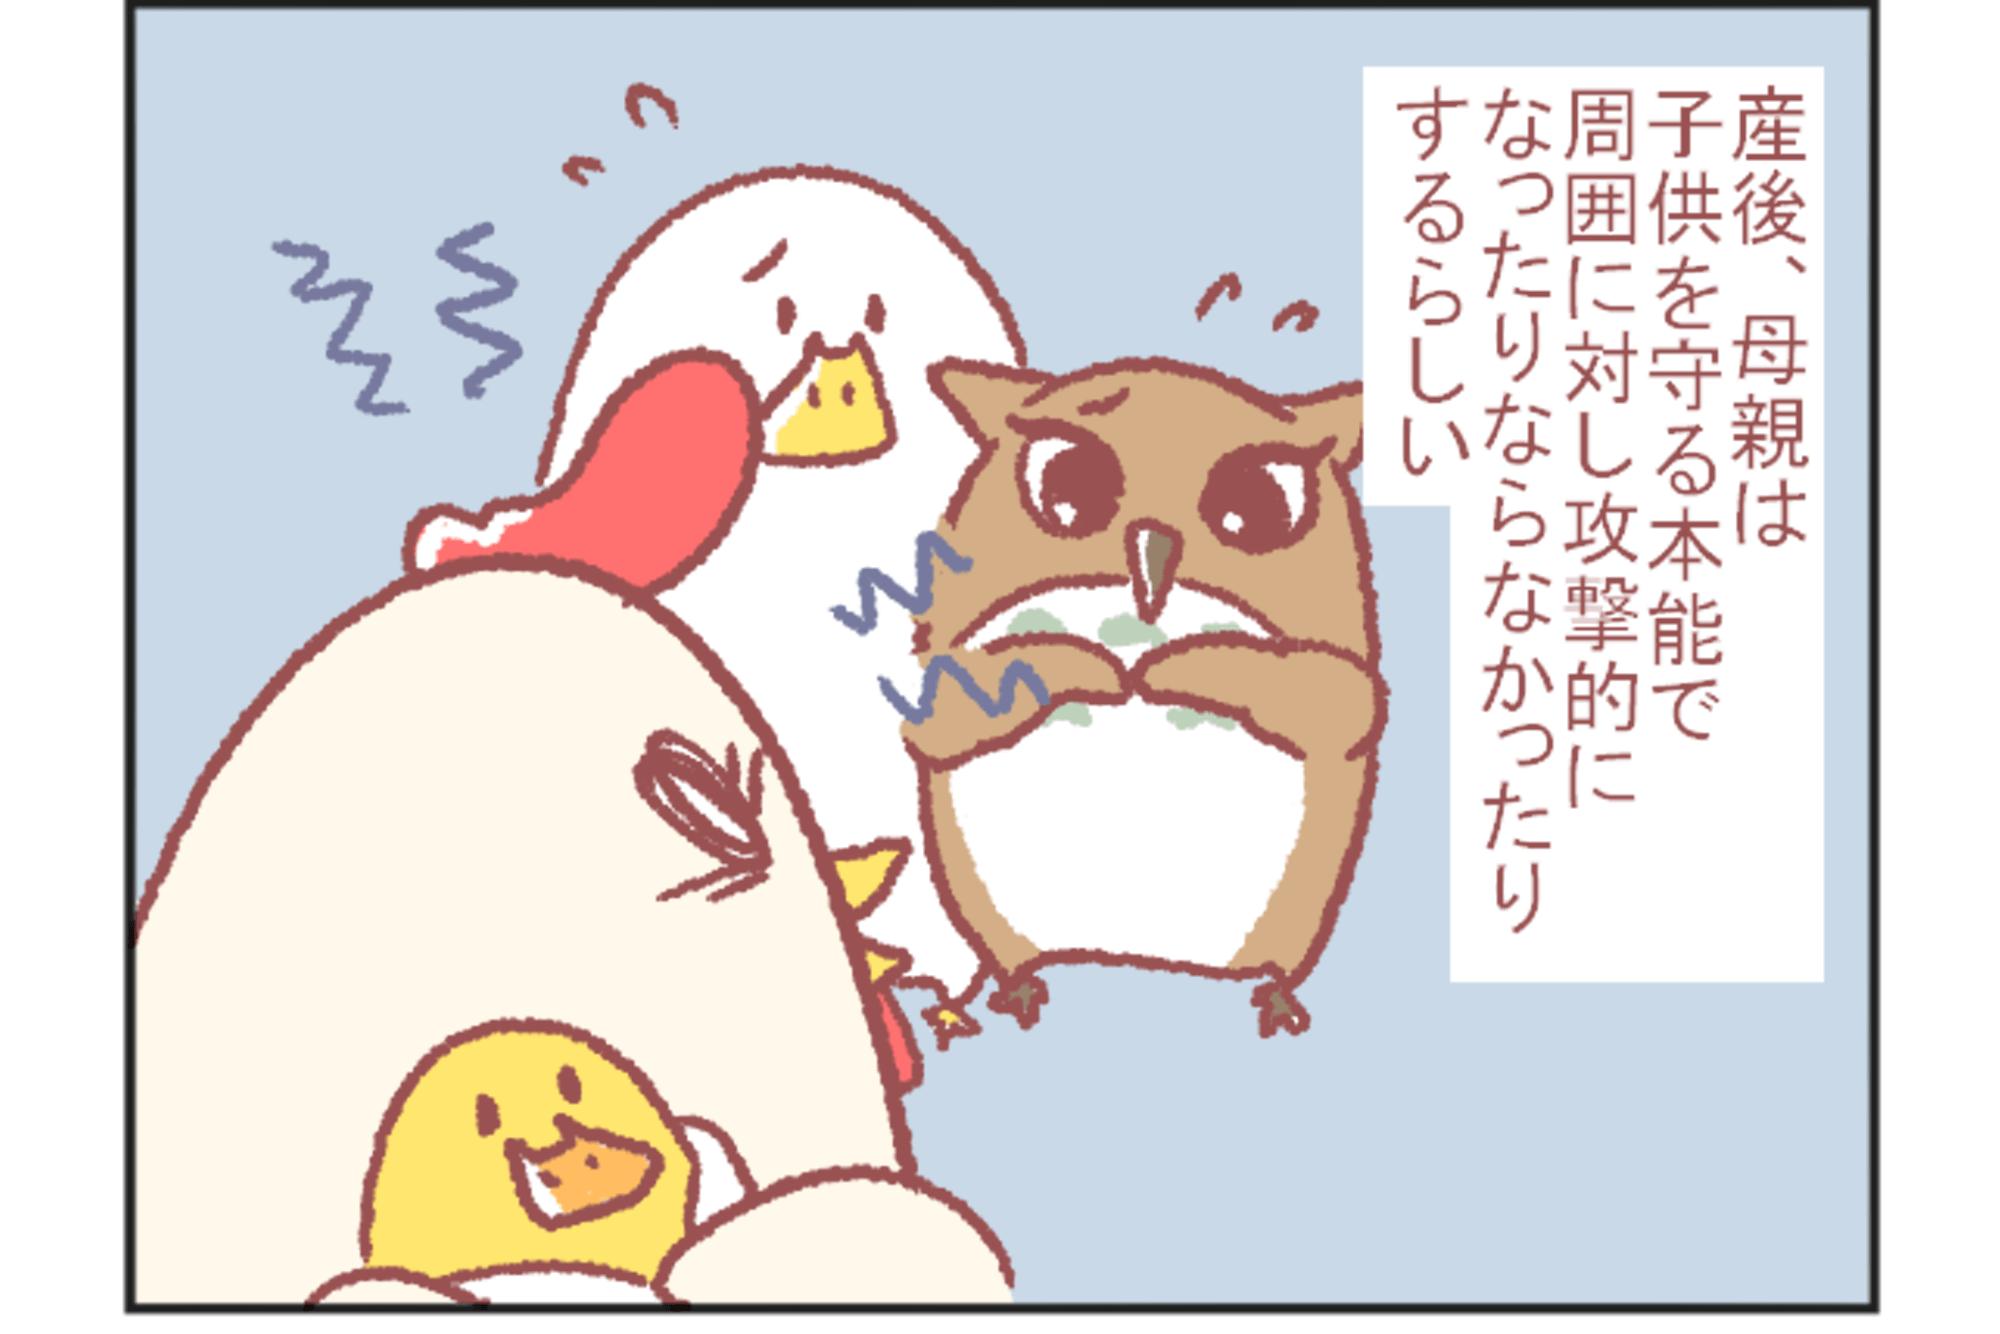 鳥谷丁子のオモテ育児・ウラ育児#7「産後ガルガル期」